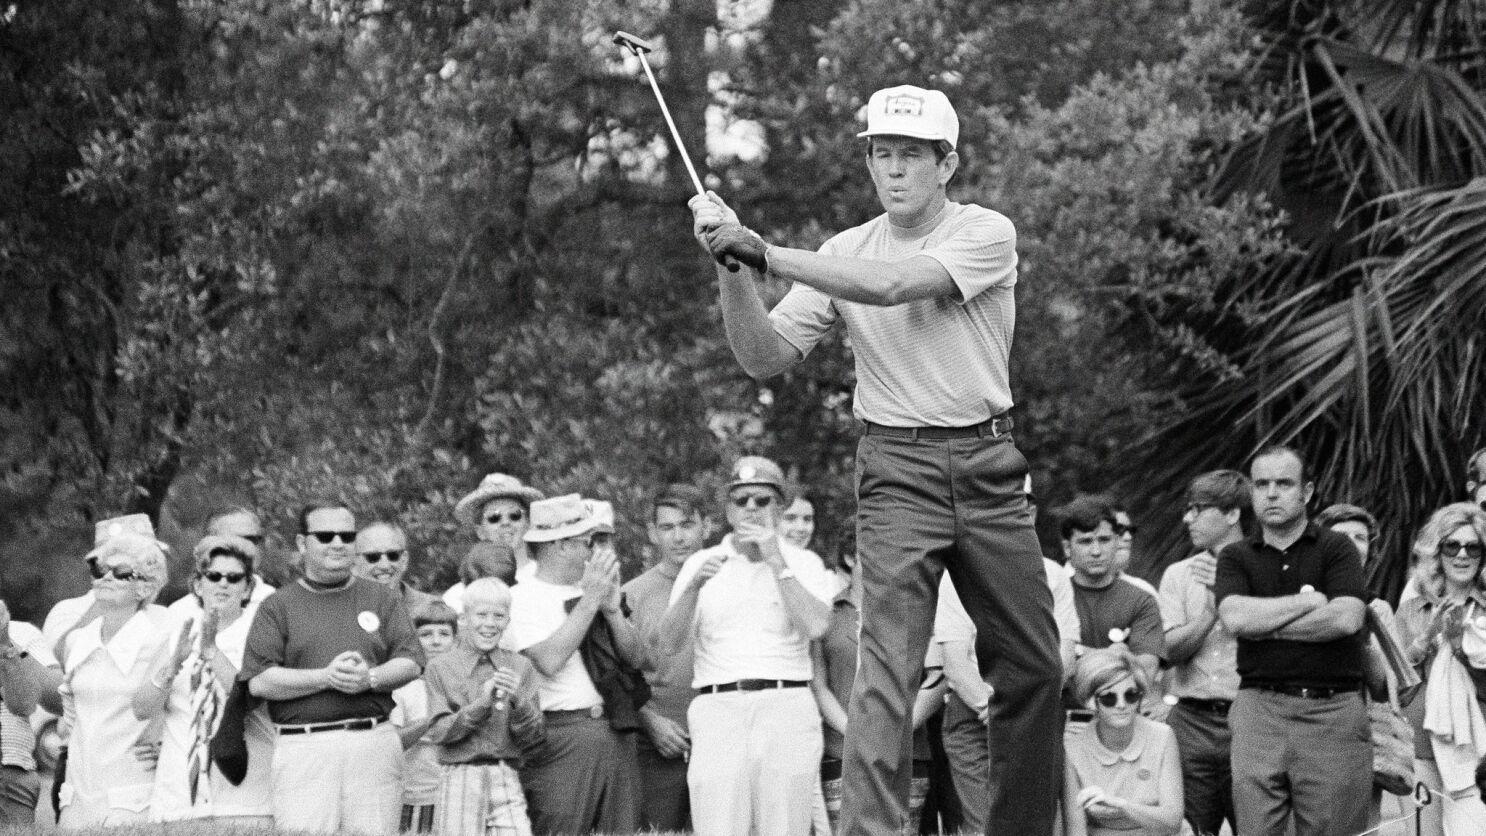 Gene Littler, San Diego golf great, dies at 88 - The San